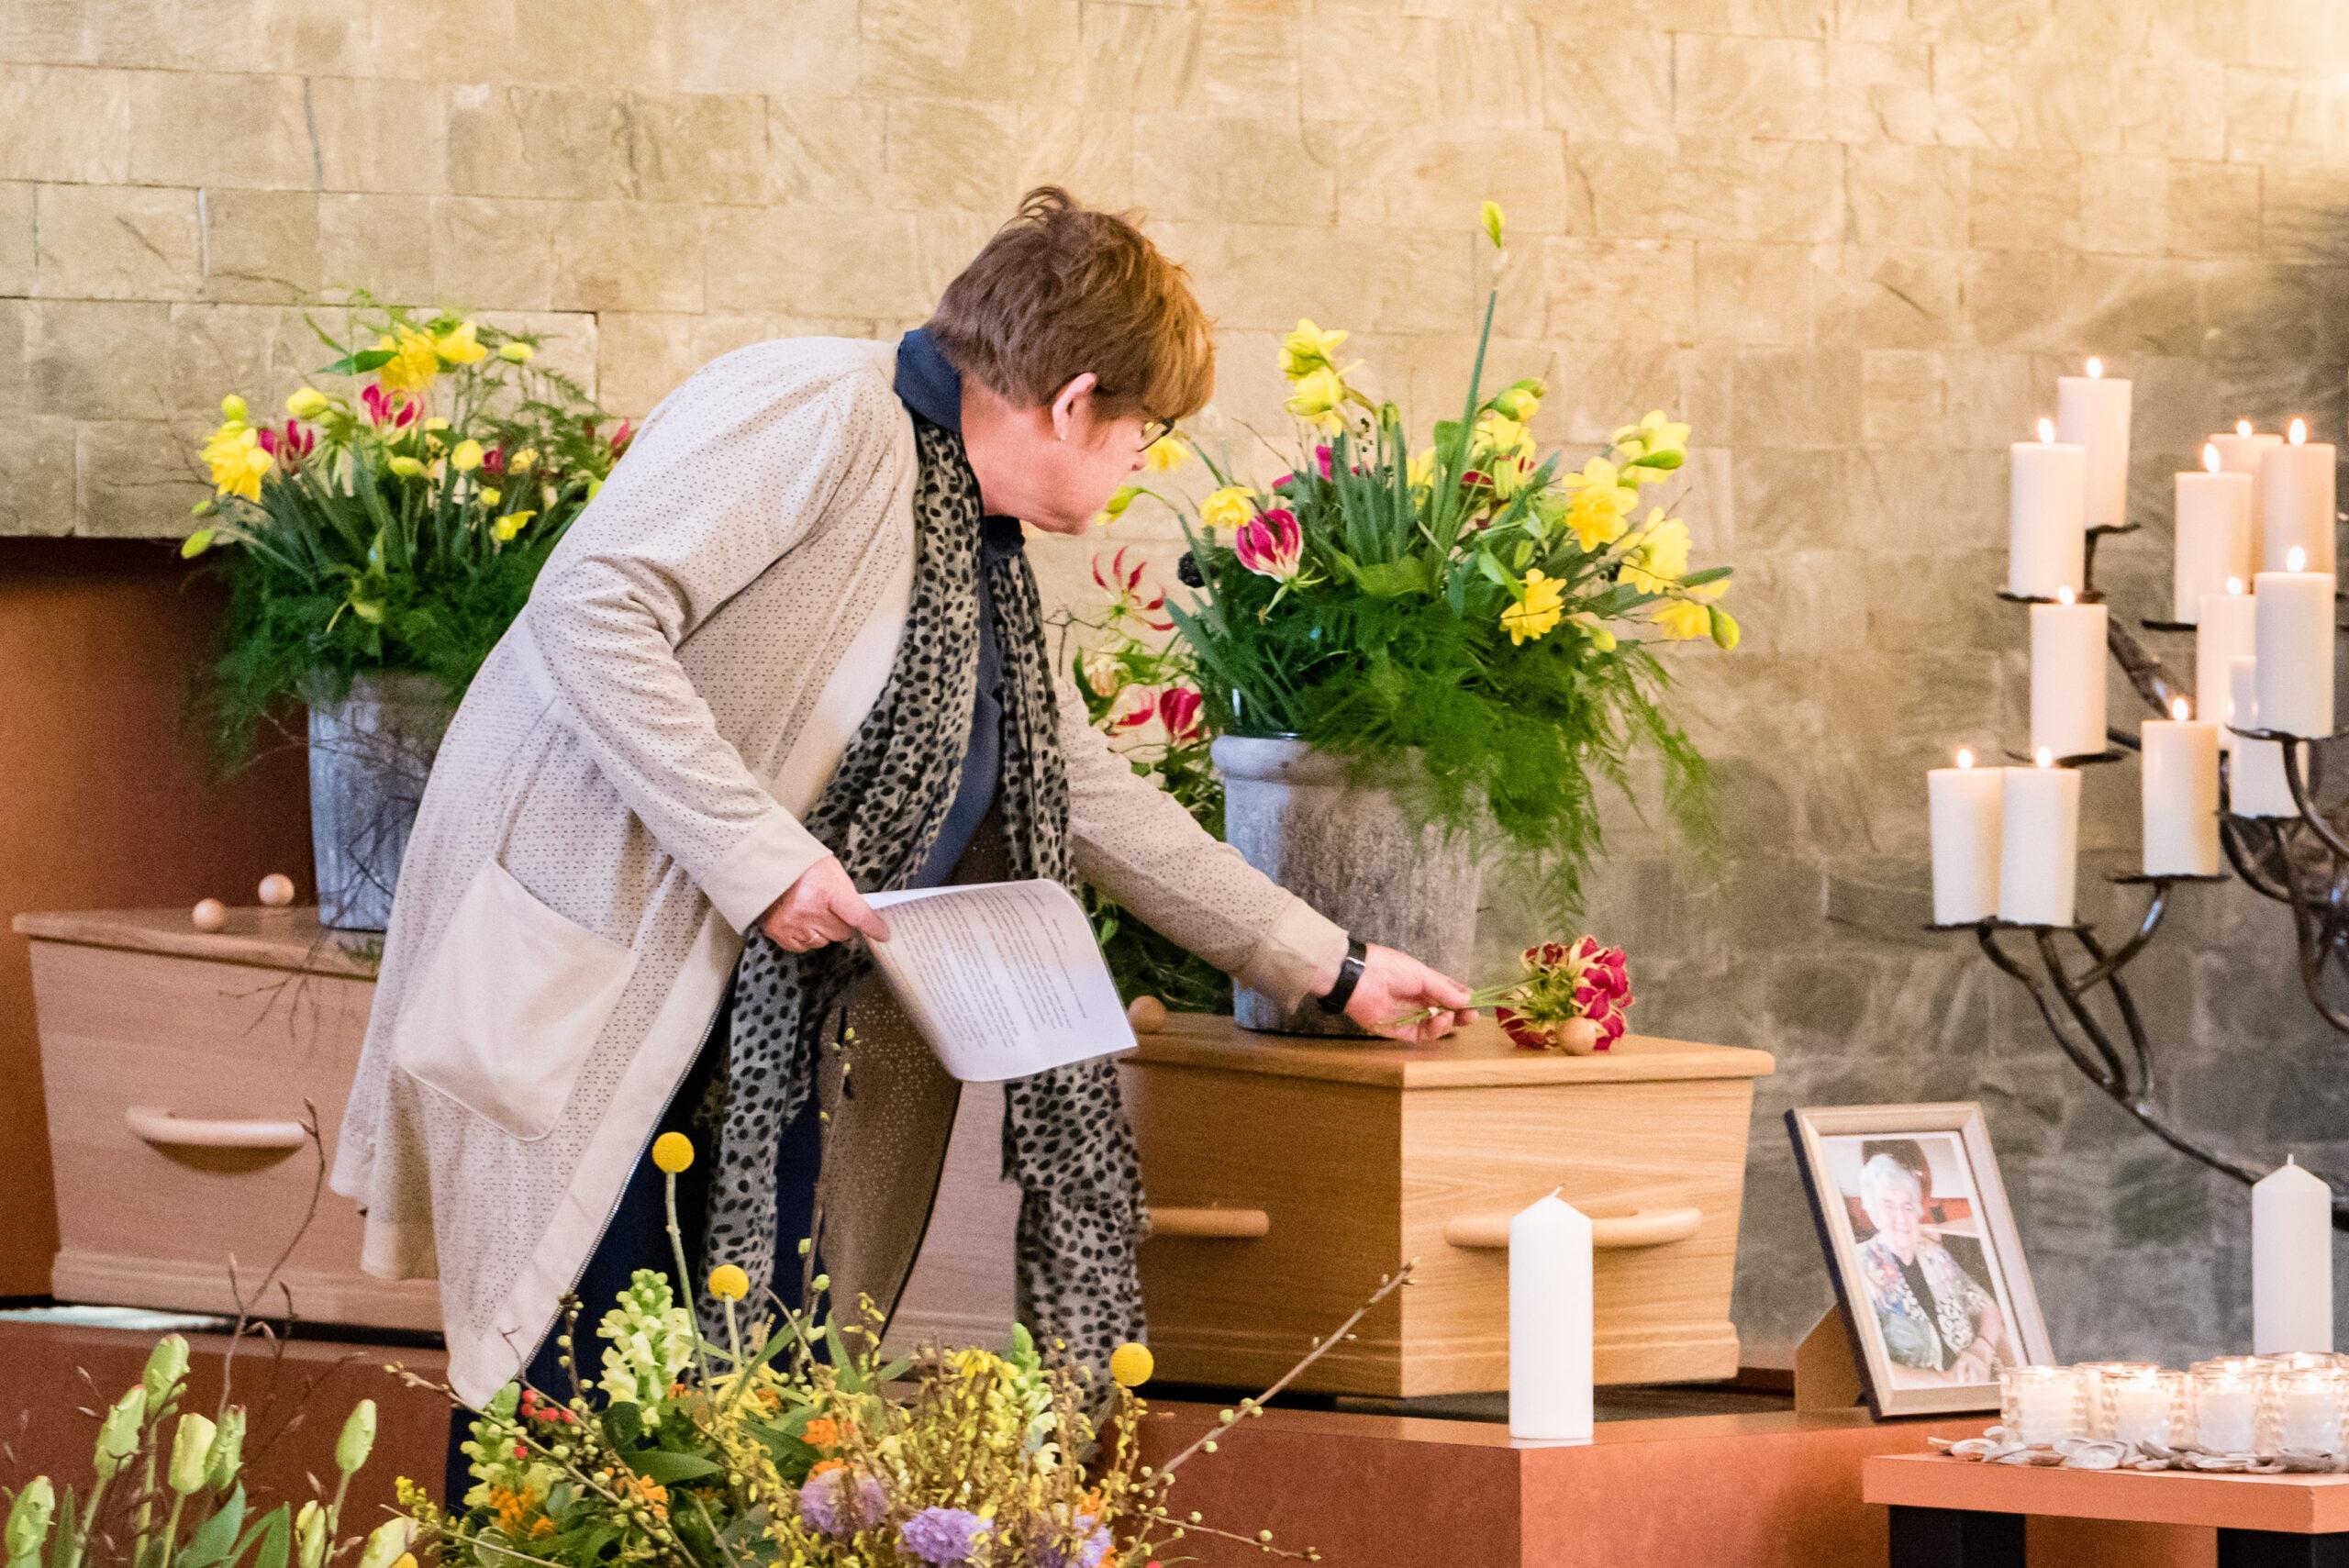 Dochter legt bloem op kist moeder Jasja de Wit afscheidsfotografie